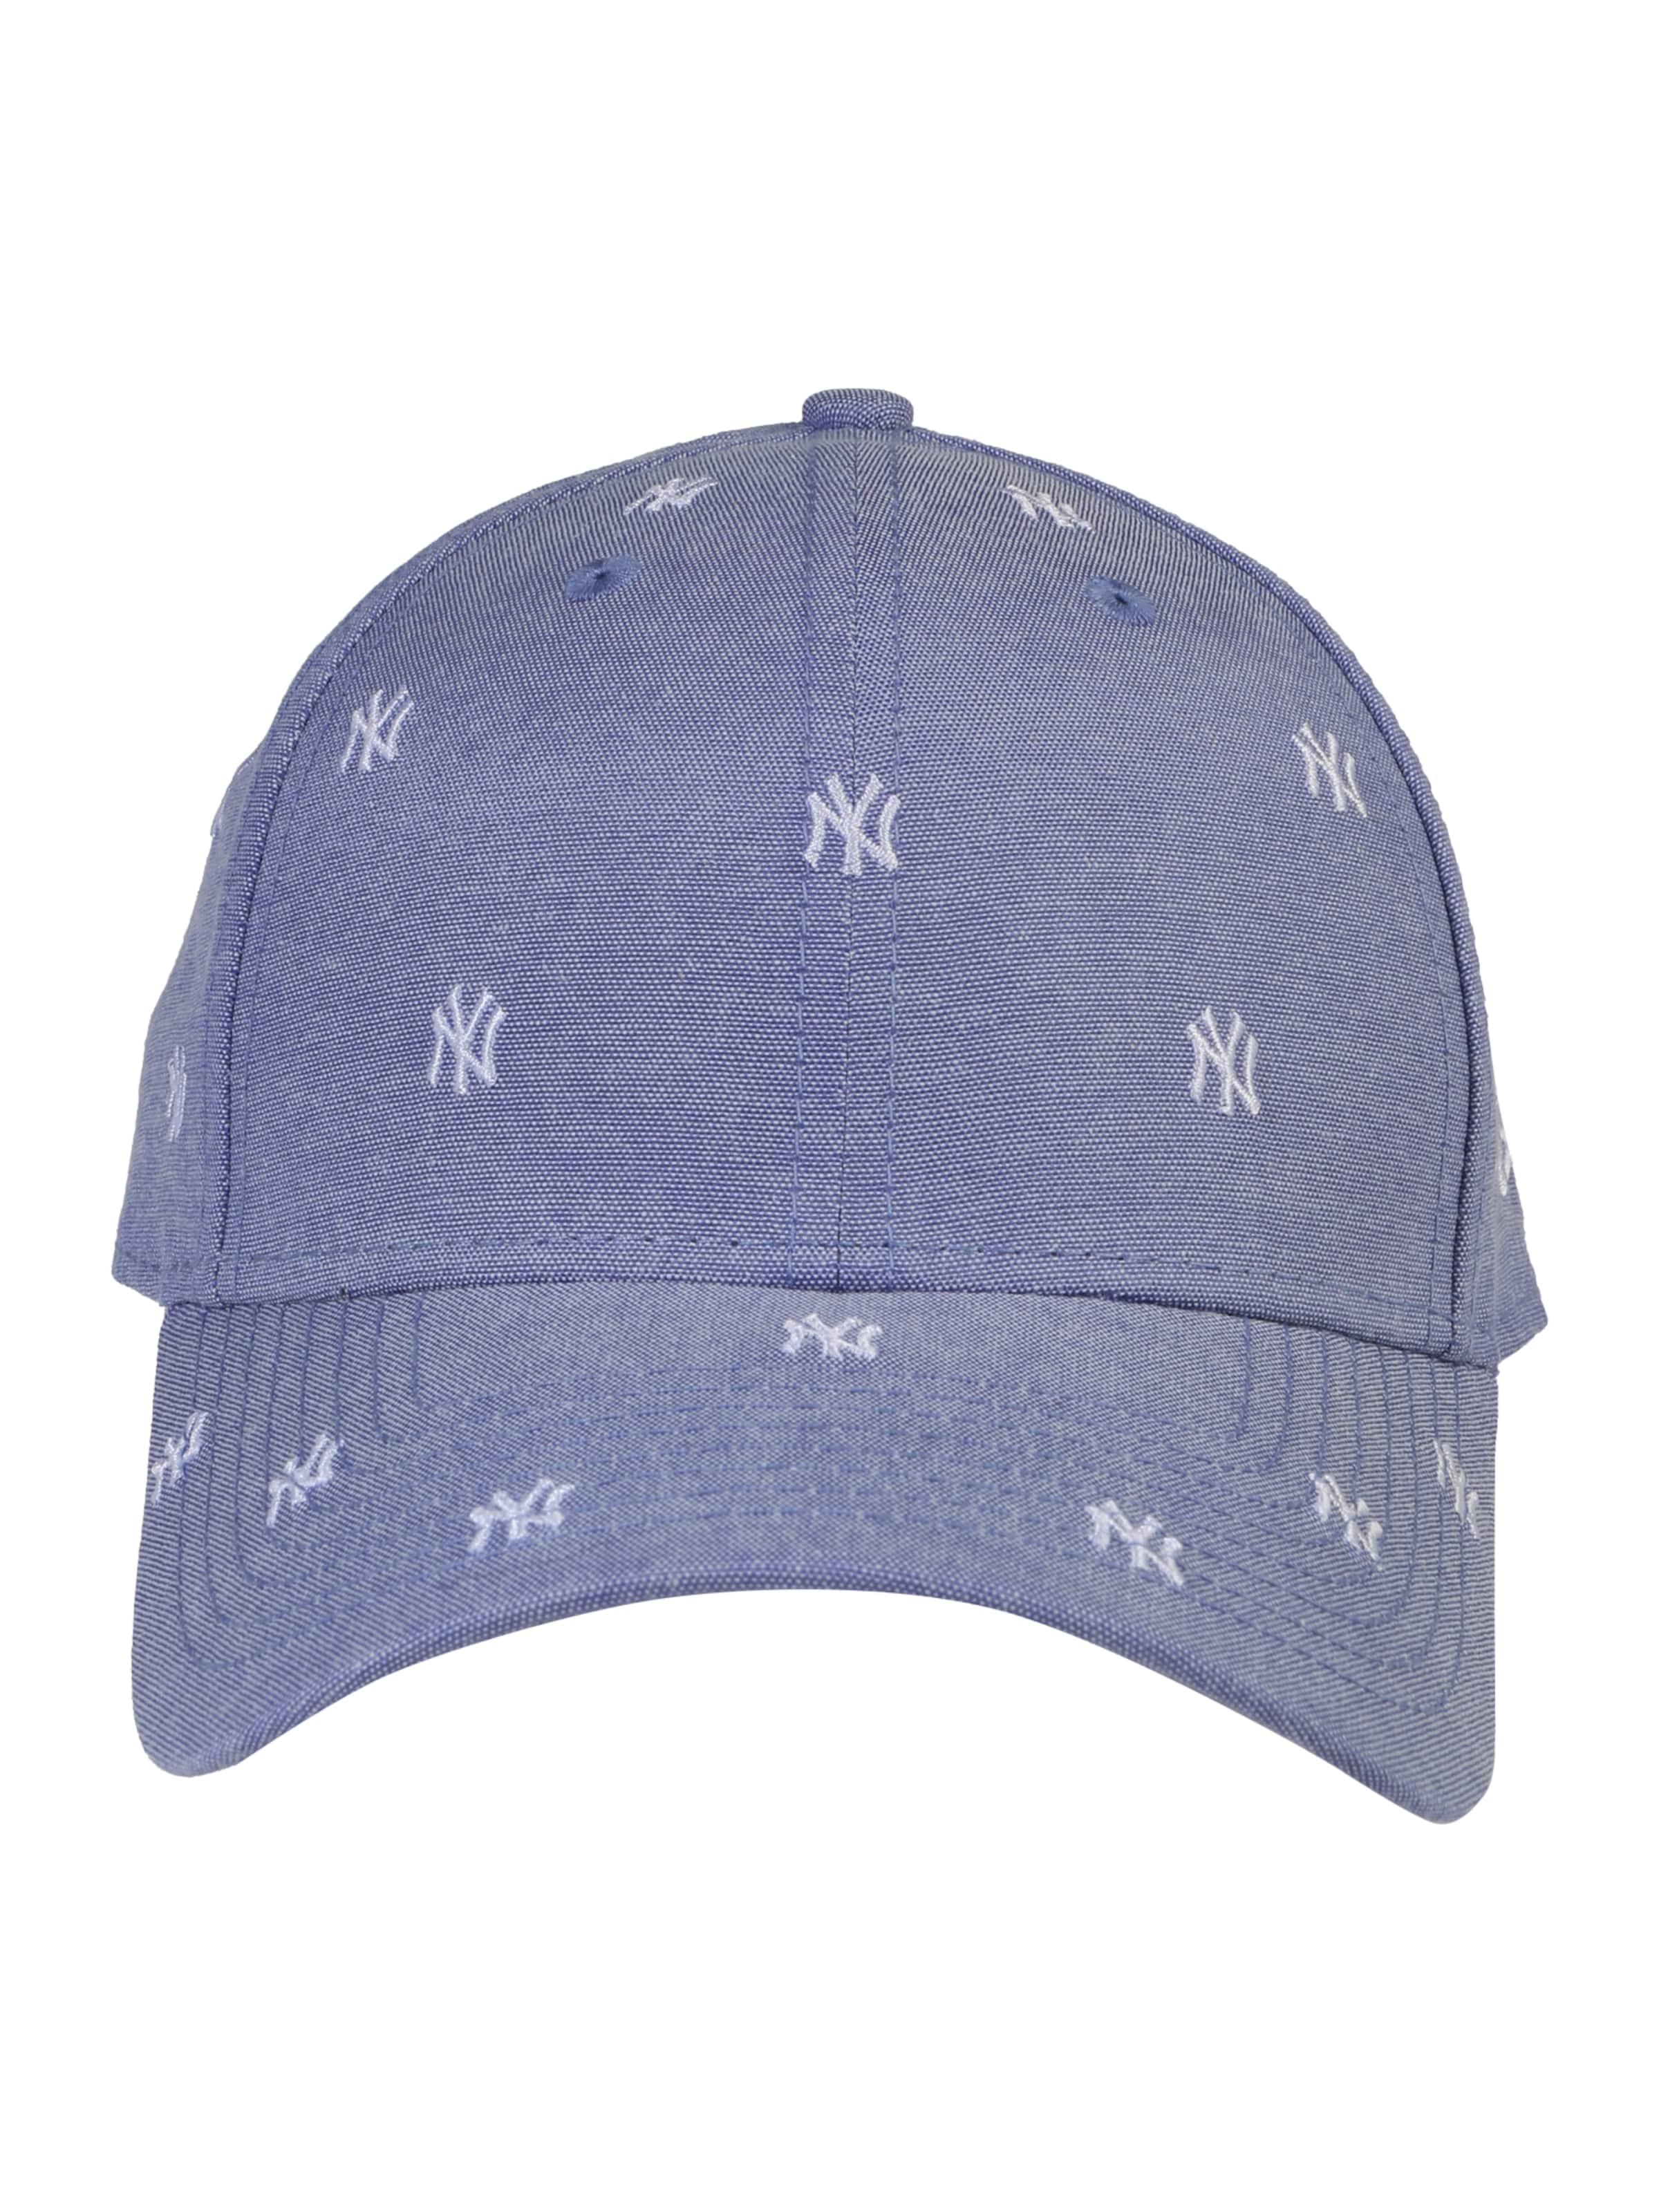 NEW ERA Cap 'MLB MONOGRM 940 NEYYAN' Rabatt 2018 Neueste Genießen 2018 Neue Preiswerte Online Verkauf Niedrigen Preis Versandgebühr Günstig Kaufen Eastbay KQjLRqEf